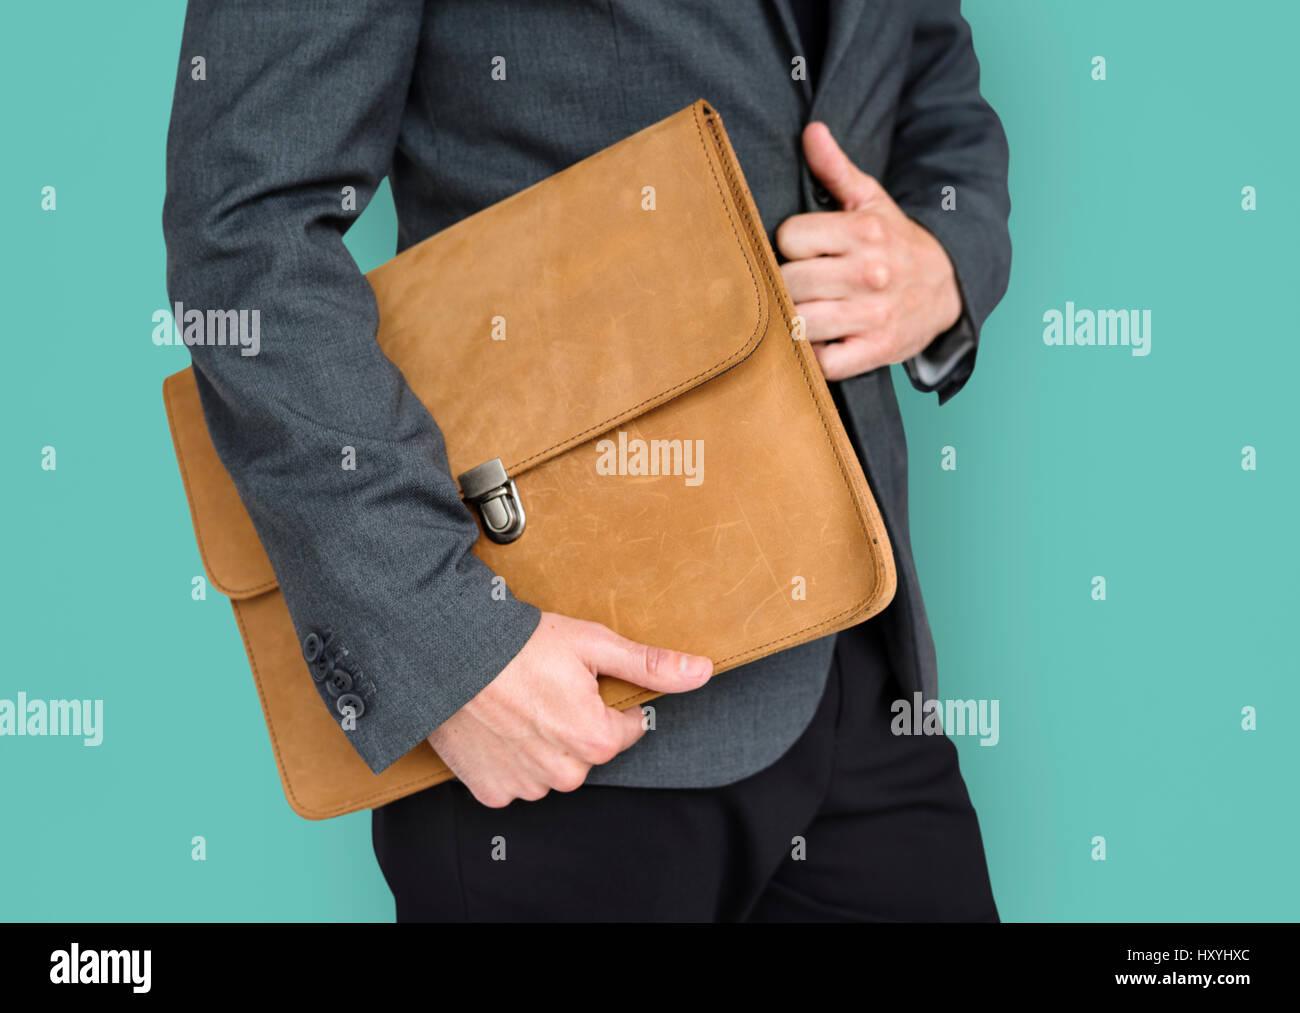 Formal Wear Brown Folder Bag Concept - Stock Image